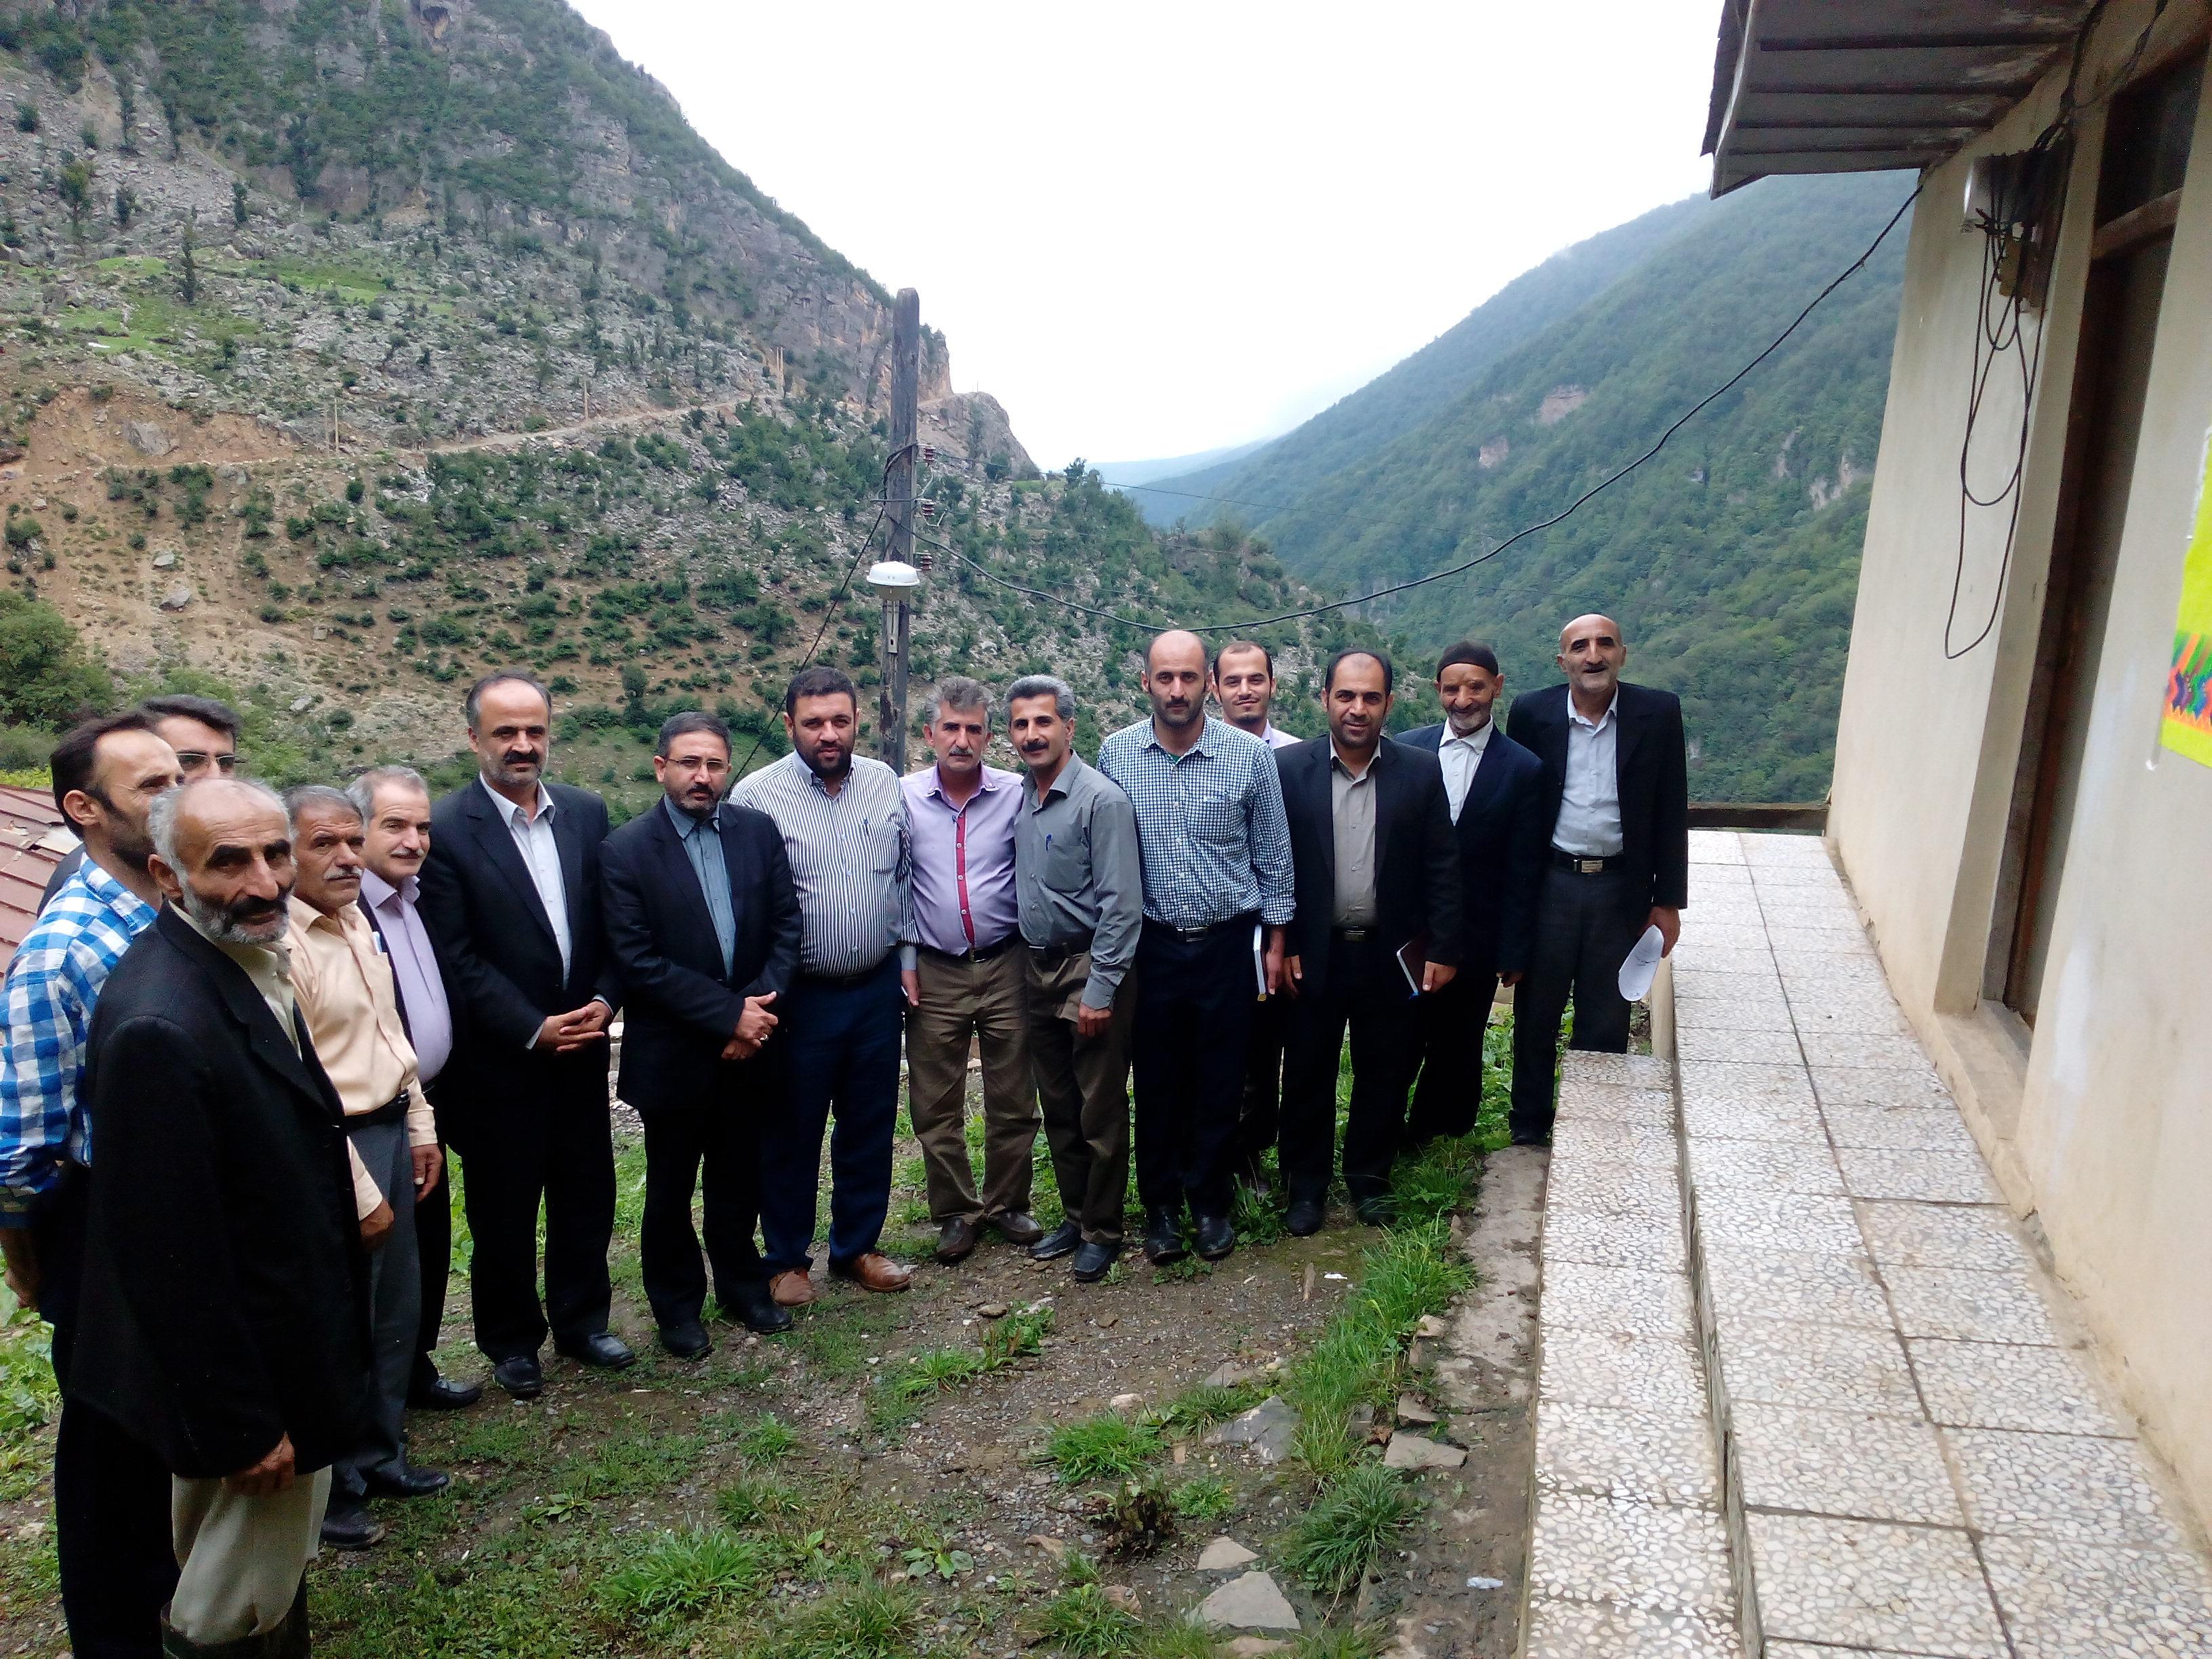 دیدار دوم حاج قاسم احمدی با مردم و شورای اسلامی گلامره در شهریور 94